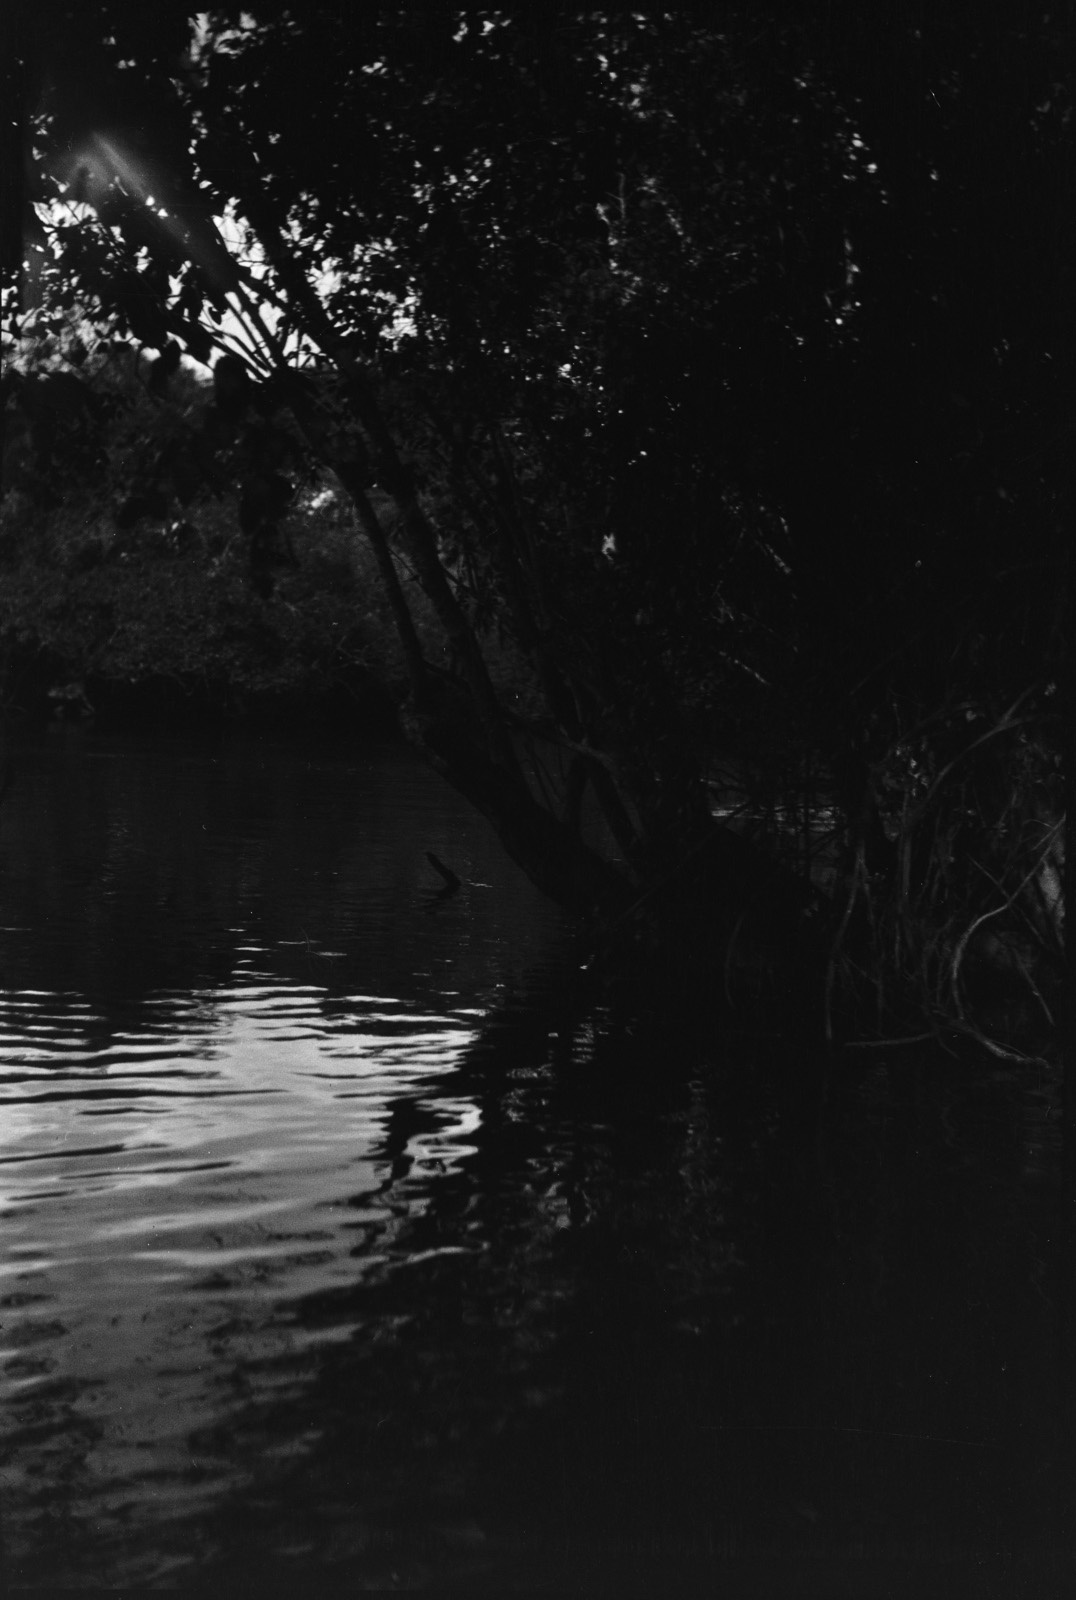 Между Лусвиши и Фунда. Чингола. Прибрежная растительность реки Лусвиши